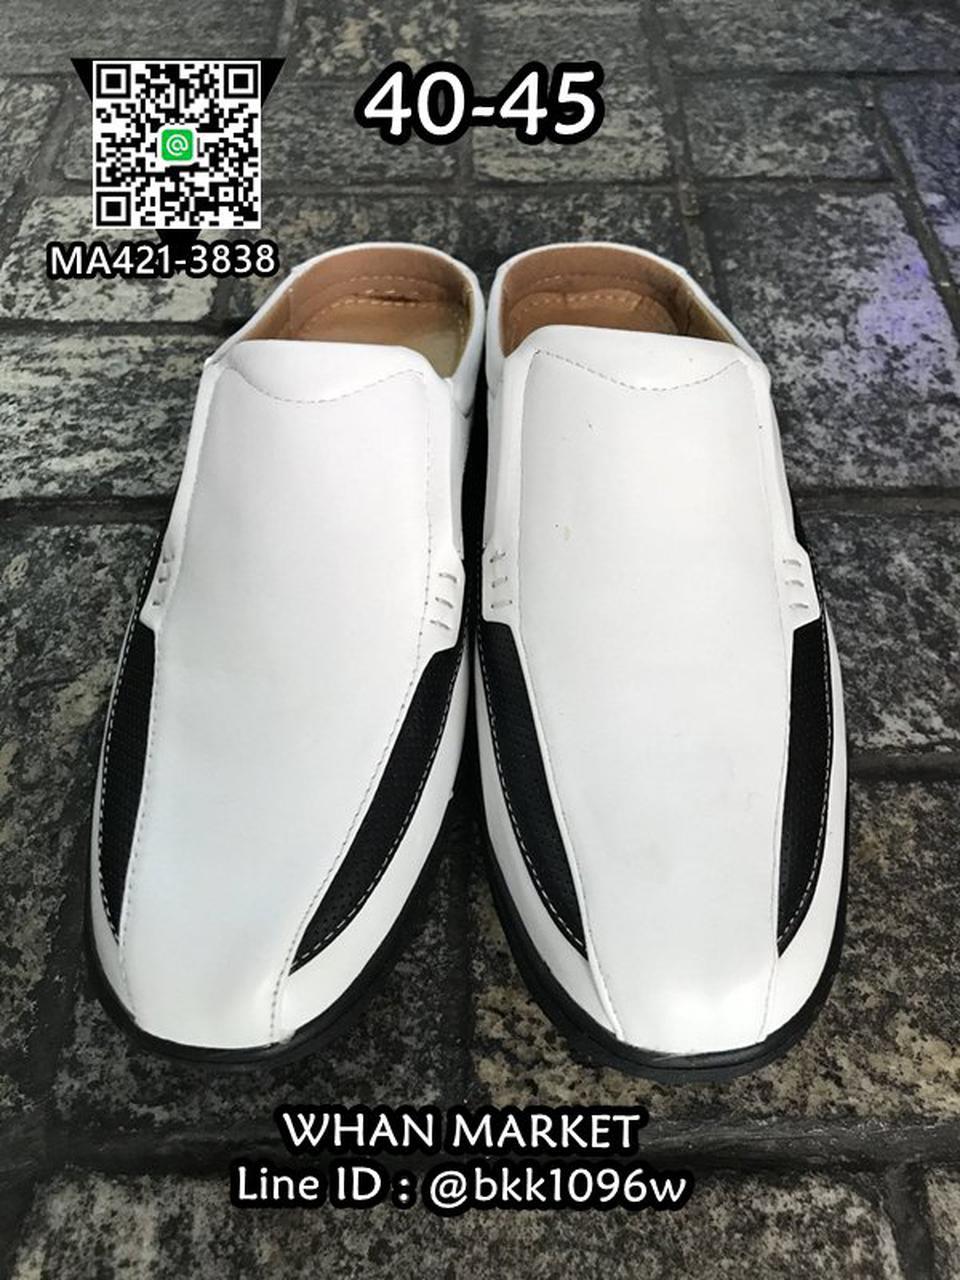 รองเท้าลำลองผู้ชาย วัสดุหนัง PU คุณภาพดี แบบเปิดส้น สวมใส่ง่ รูปที่ 5